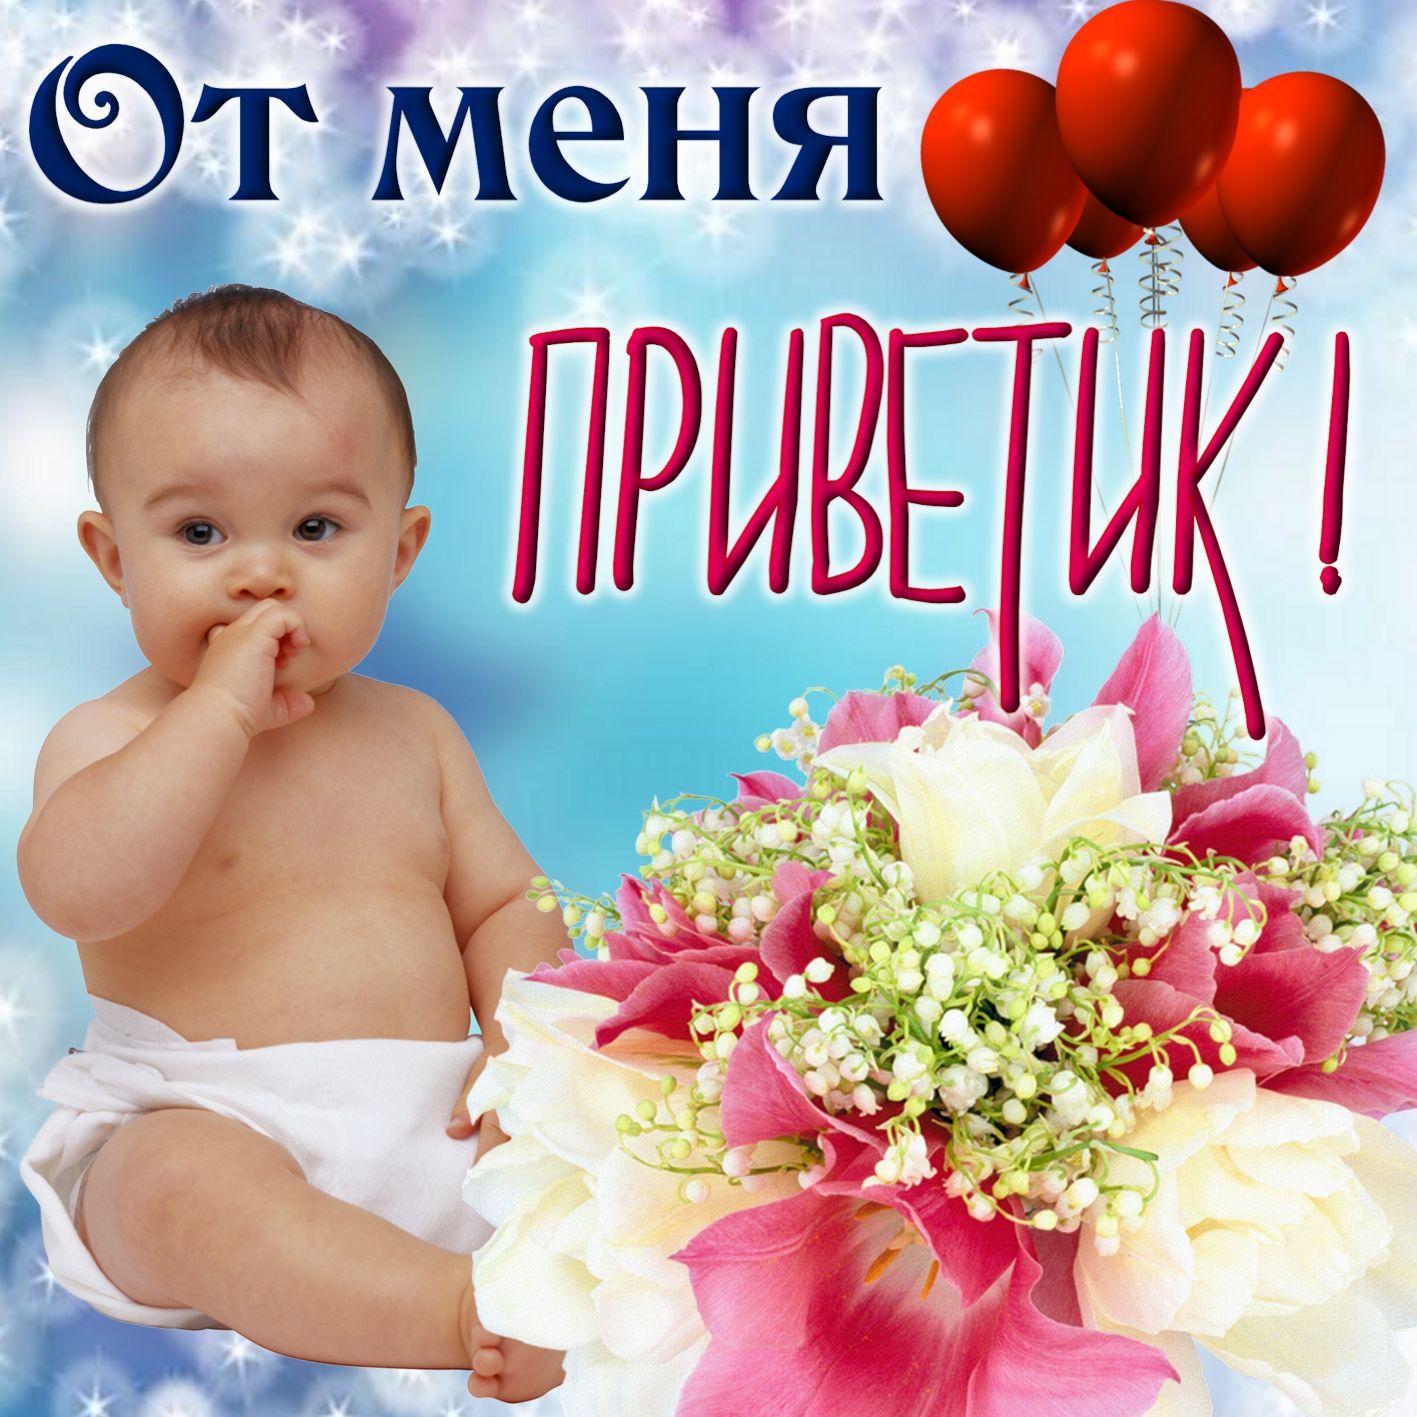 Открытка привет - малыш с букетом цветов и шариками